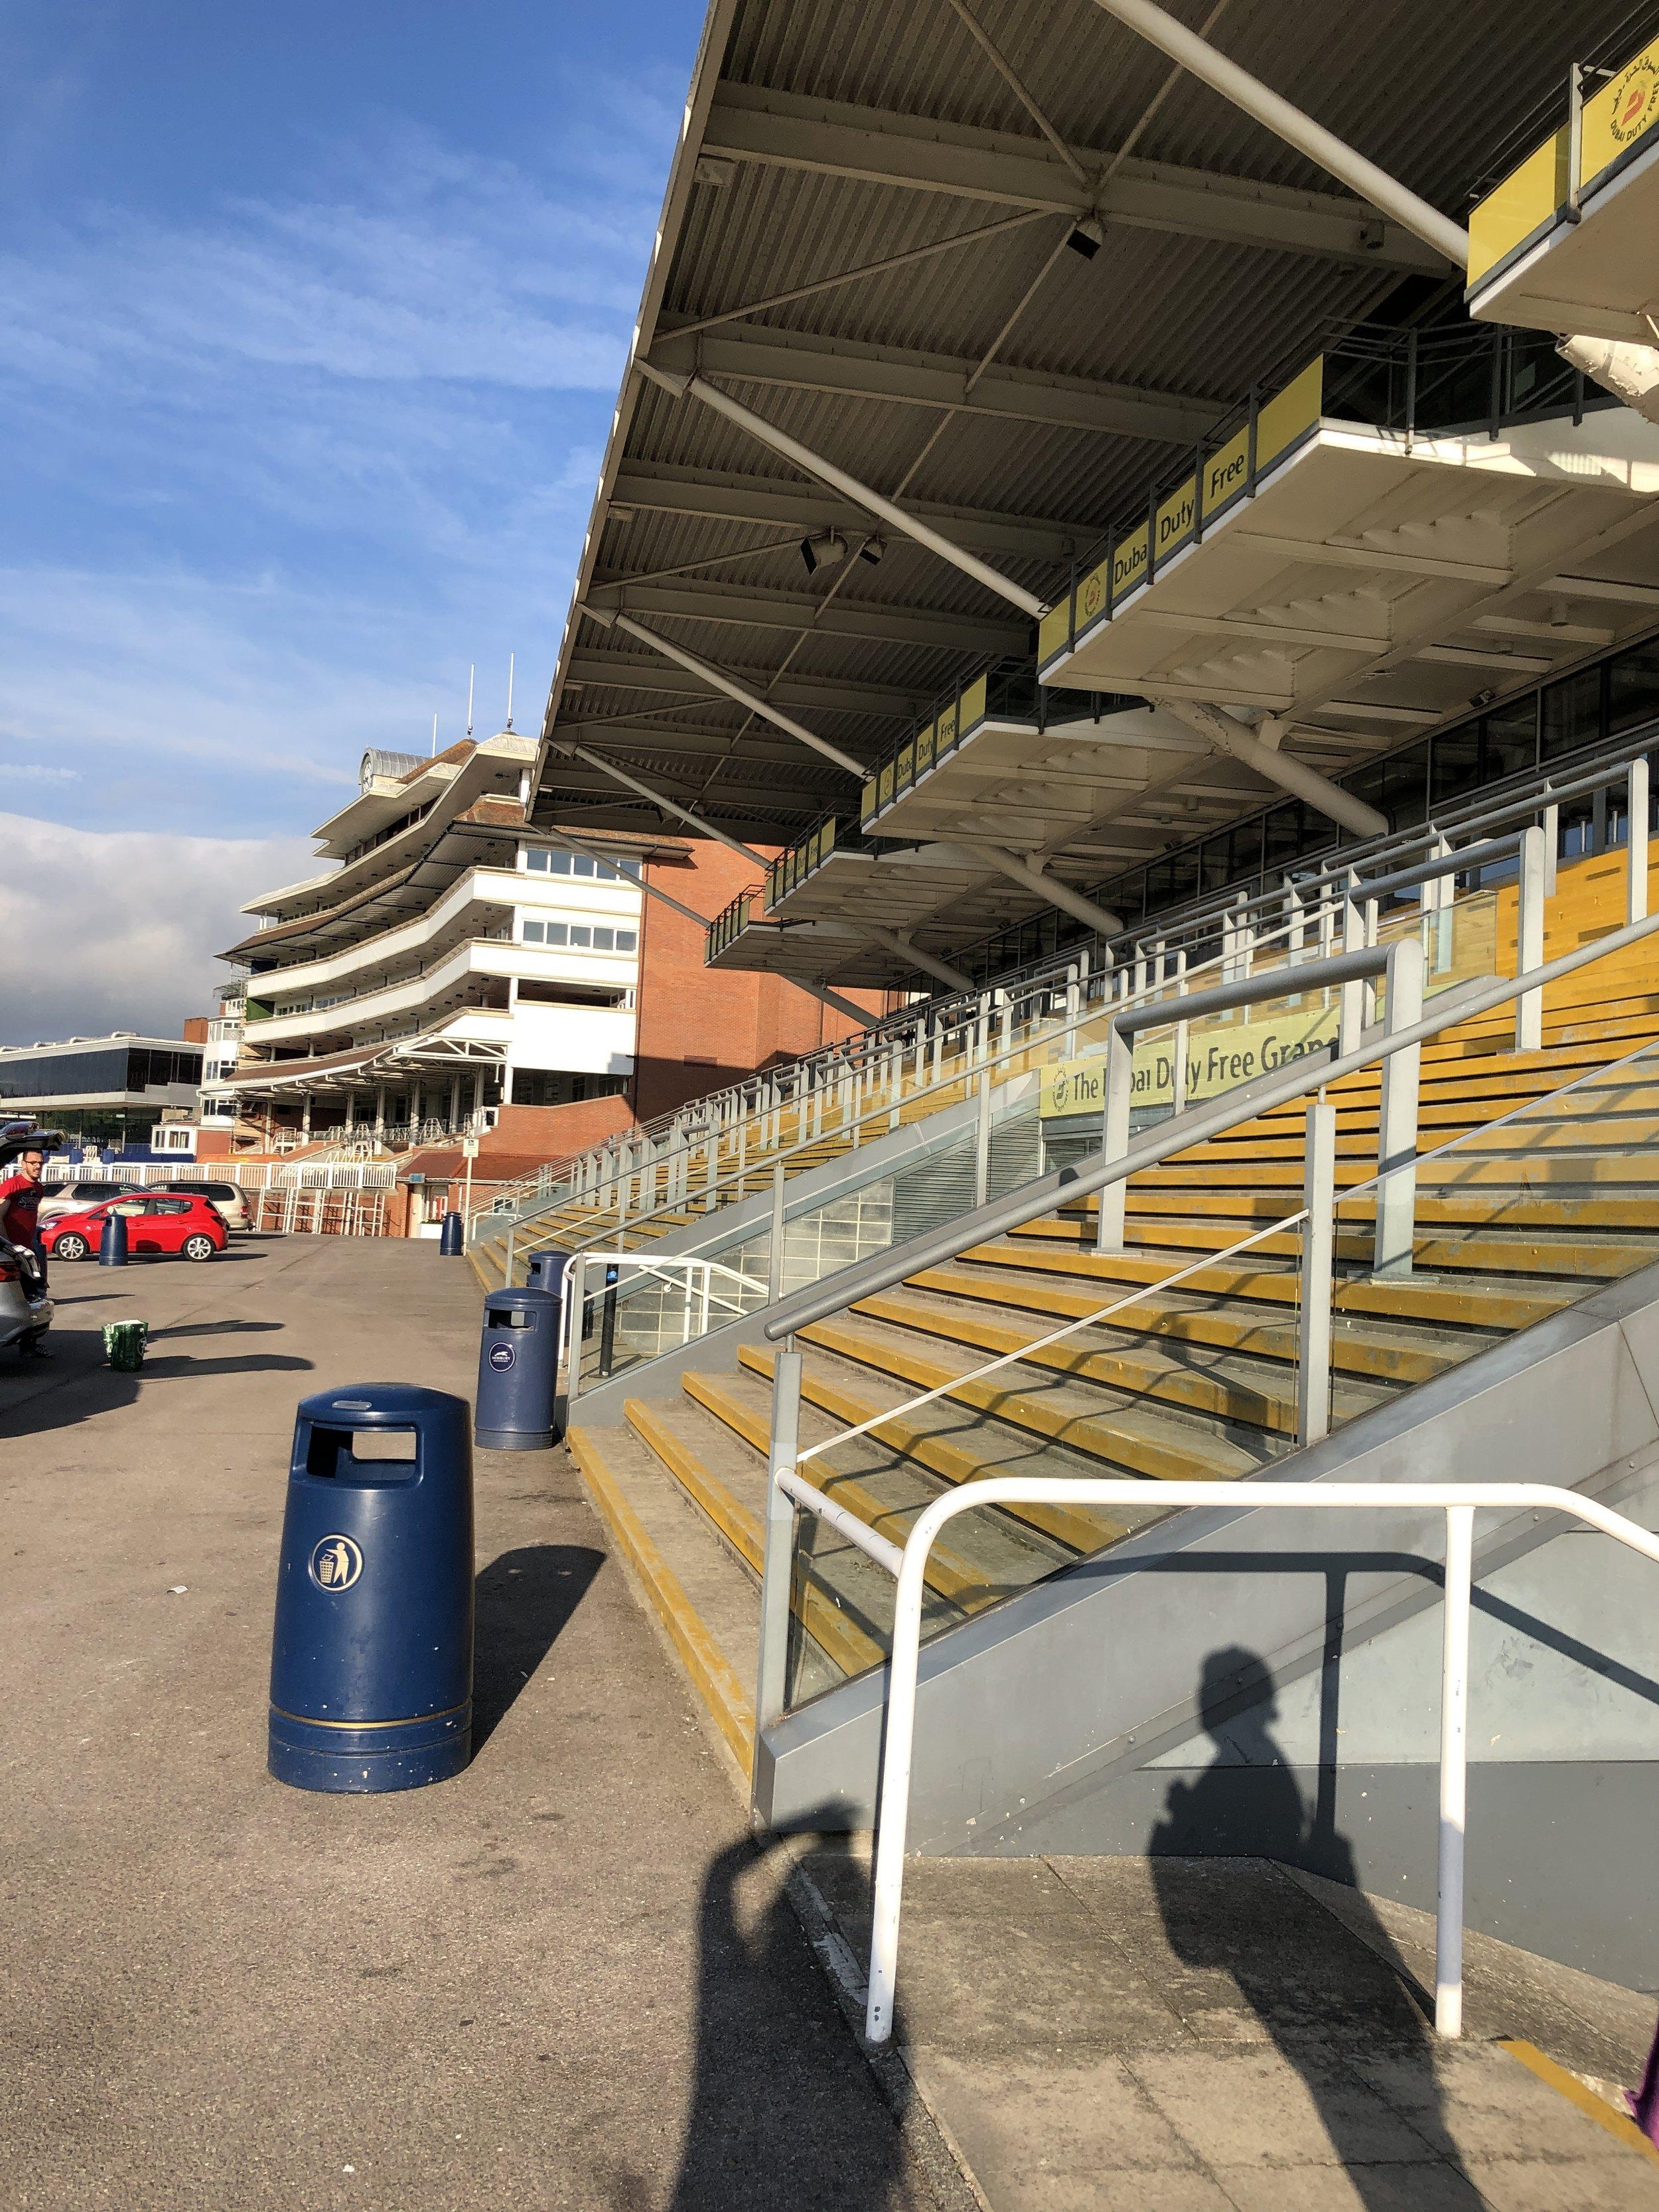 Newberry Racecourse